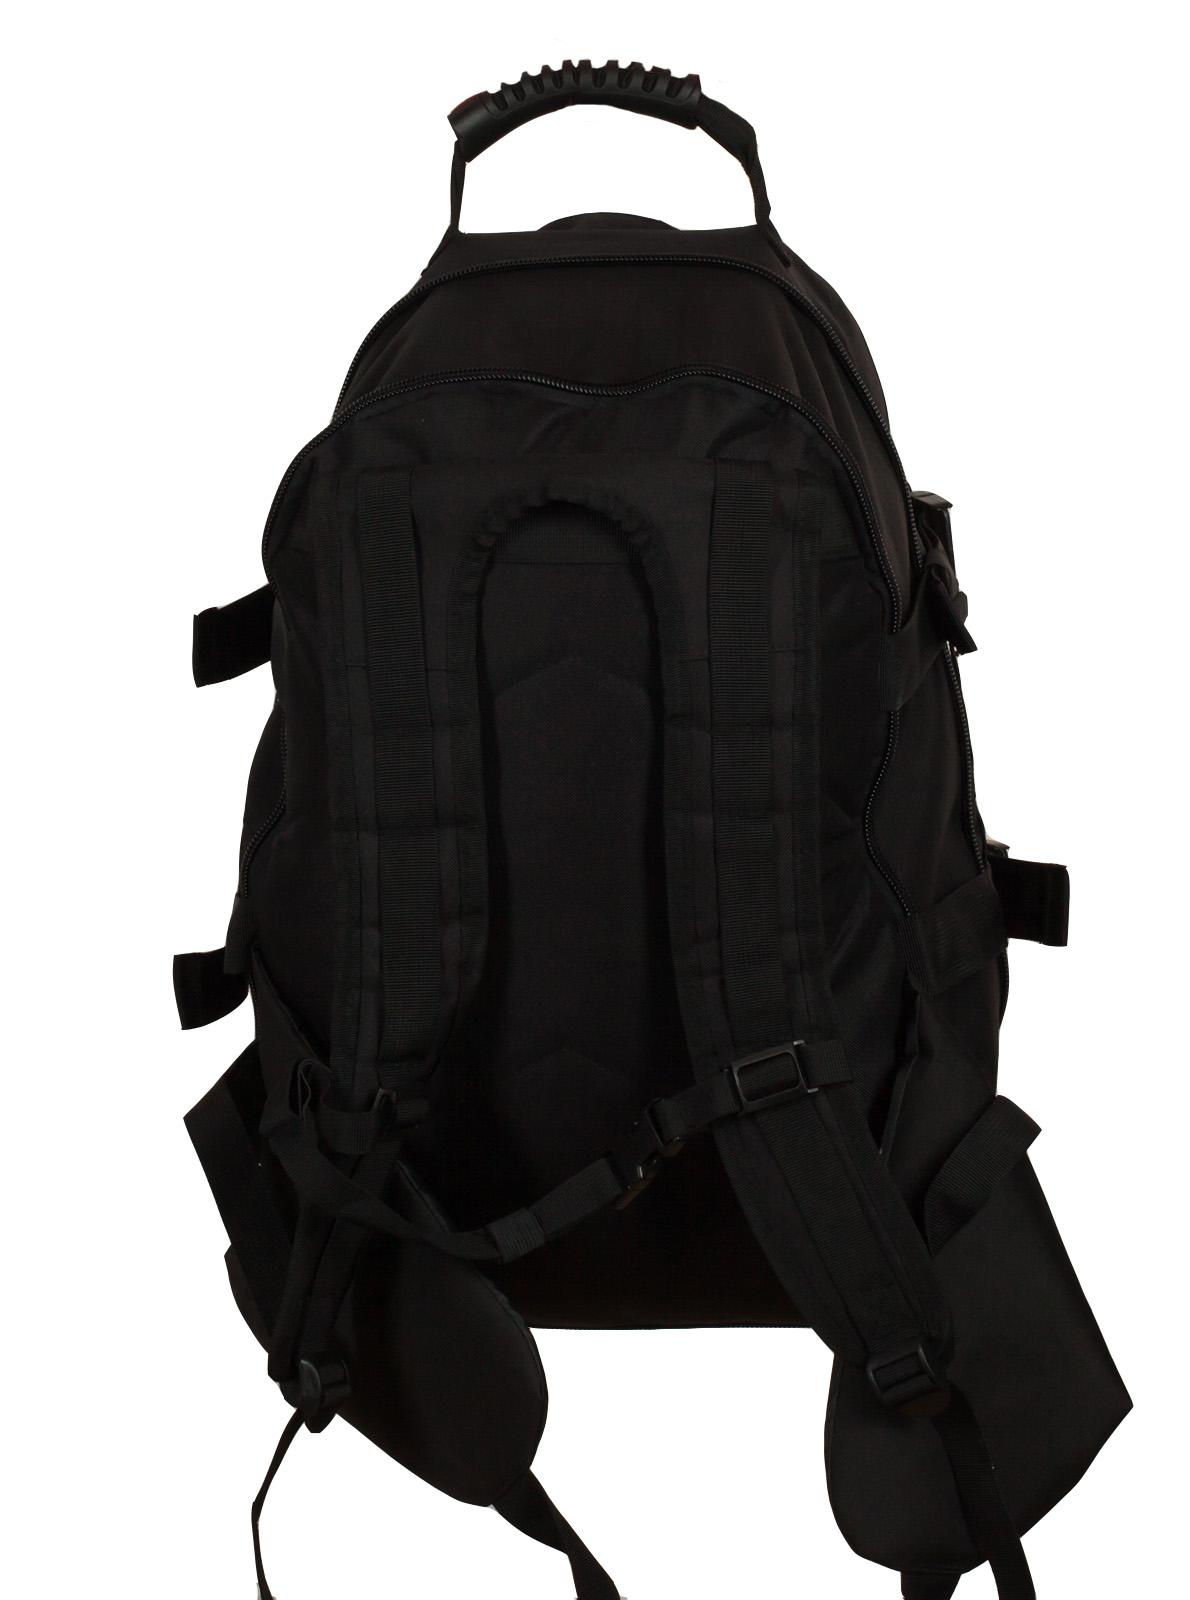 Надежный трехдневный рюкзак с нашивкой Лучший Охотник - купить в розницу